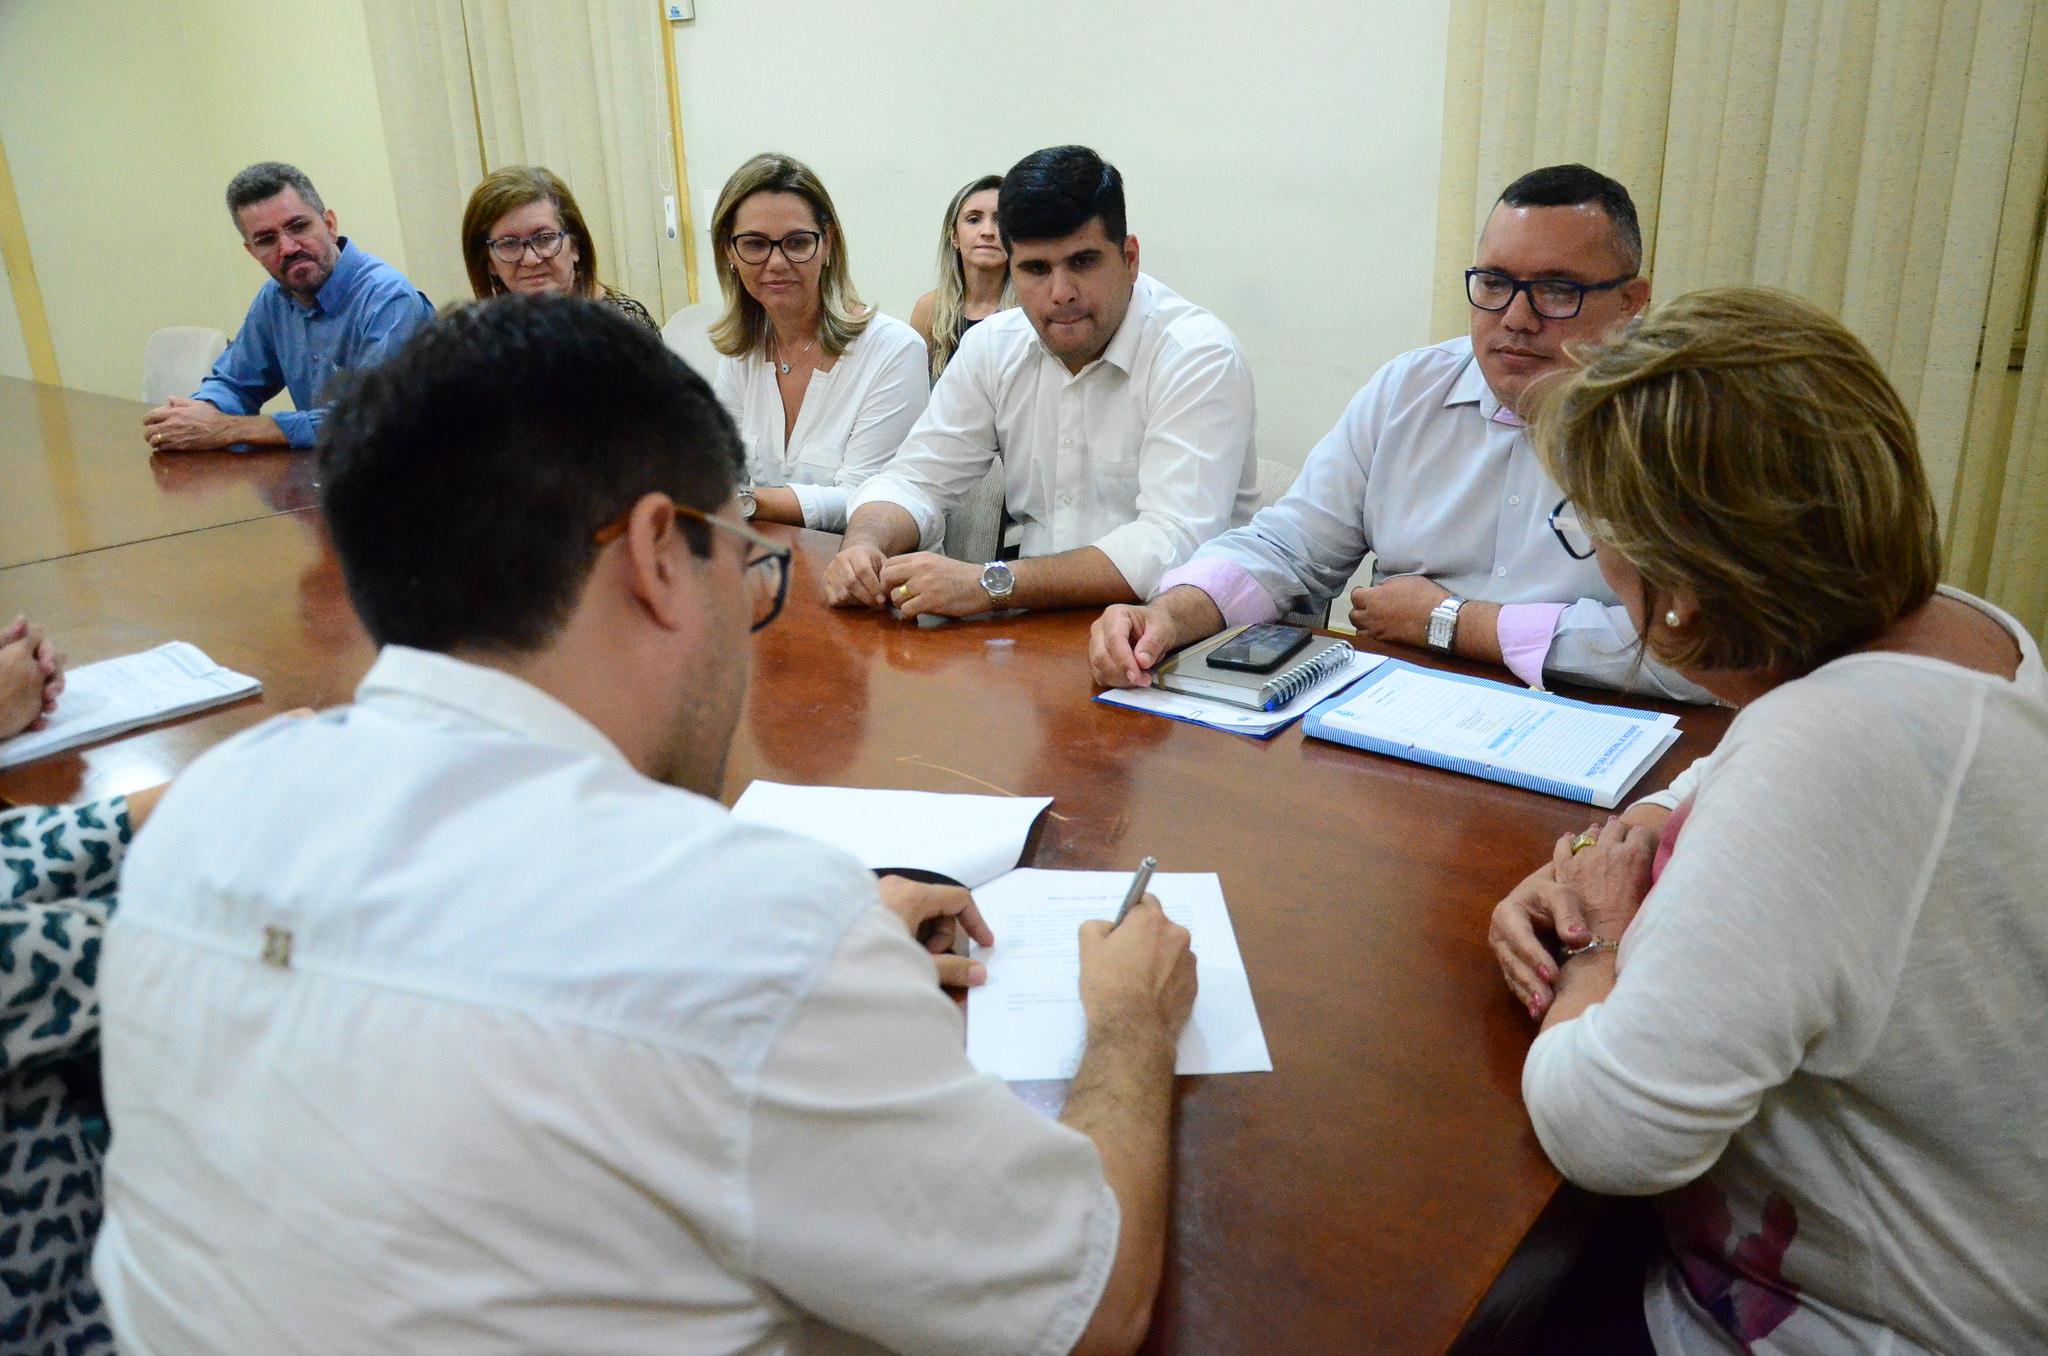 Central de Regulação inicia contato com pacientes para realização da cirurgia eletiva